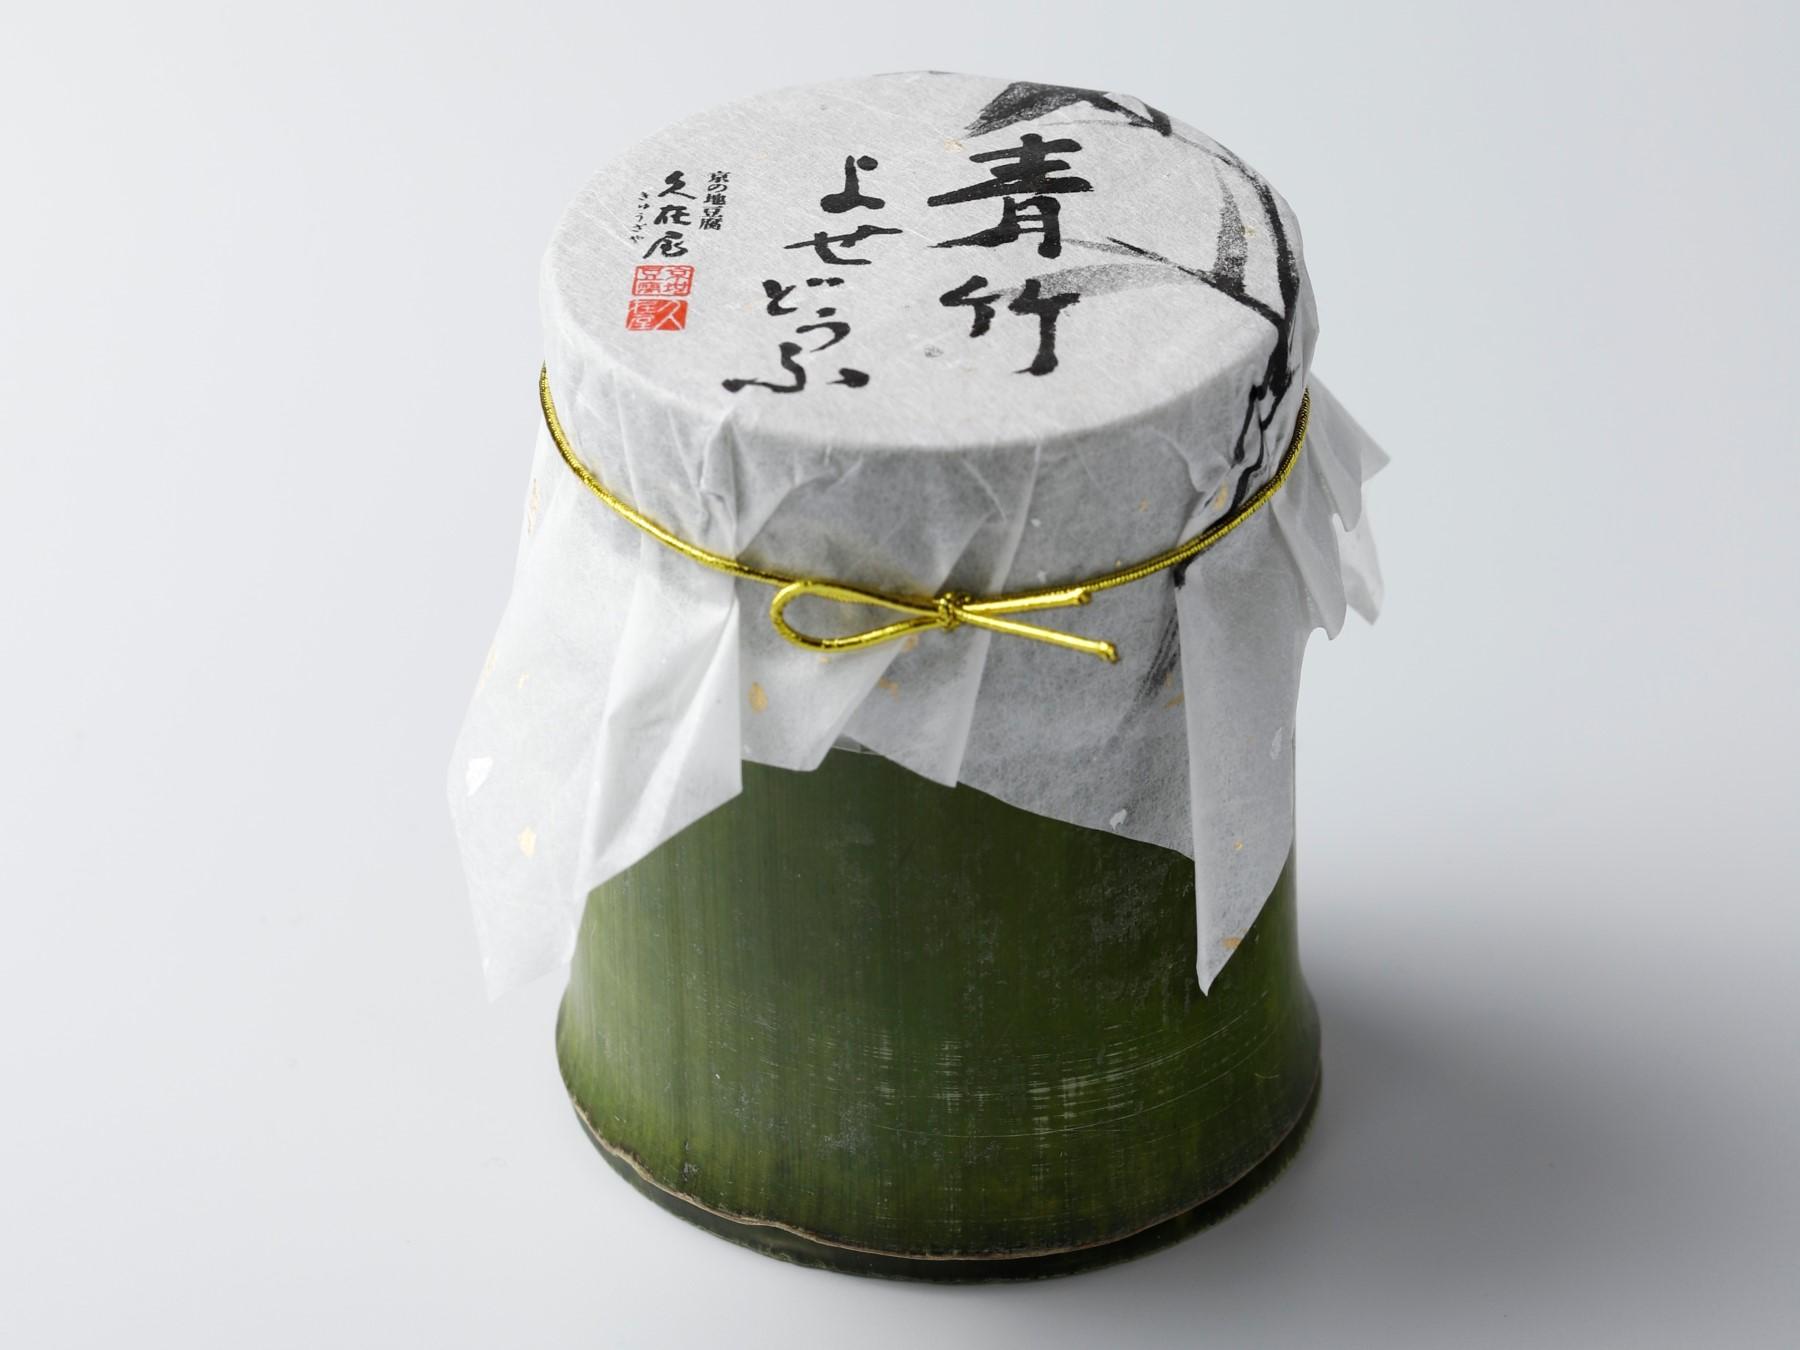 青竹よせ豆腐 (寄せ豆腐)